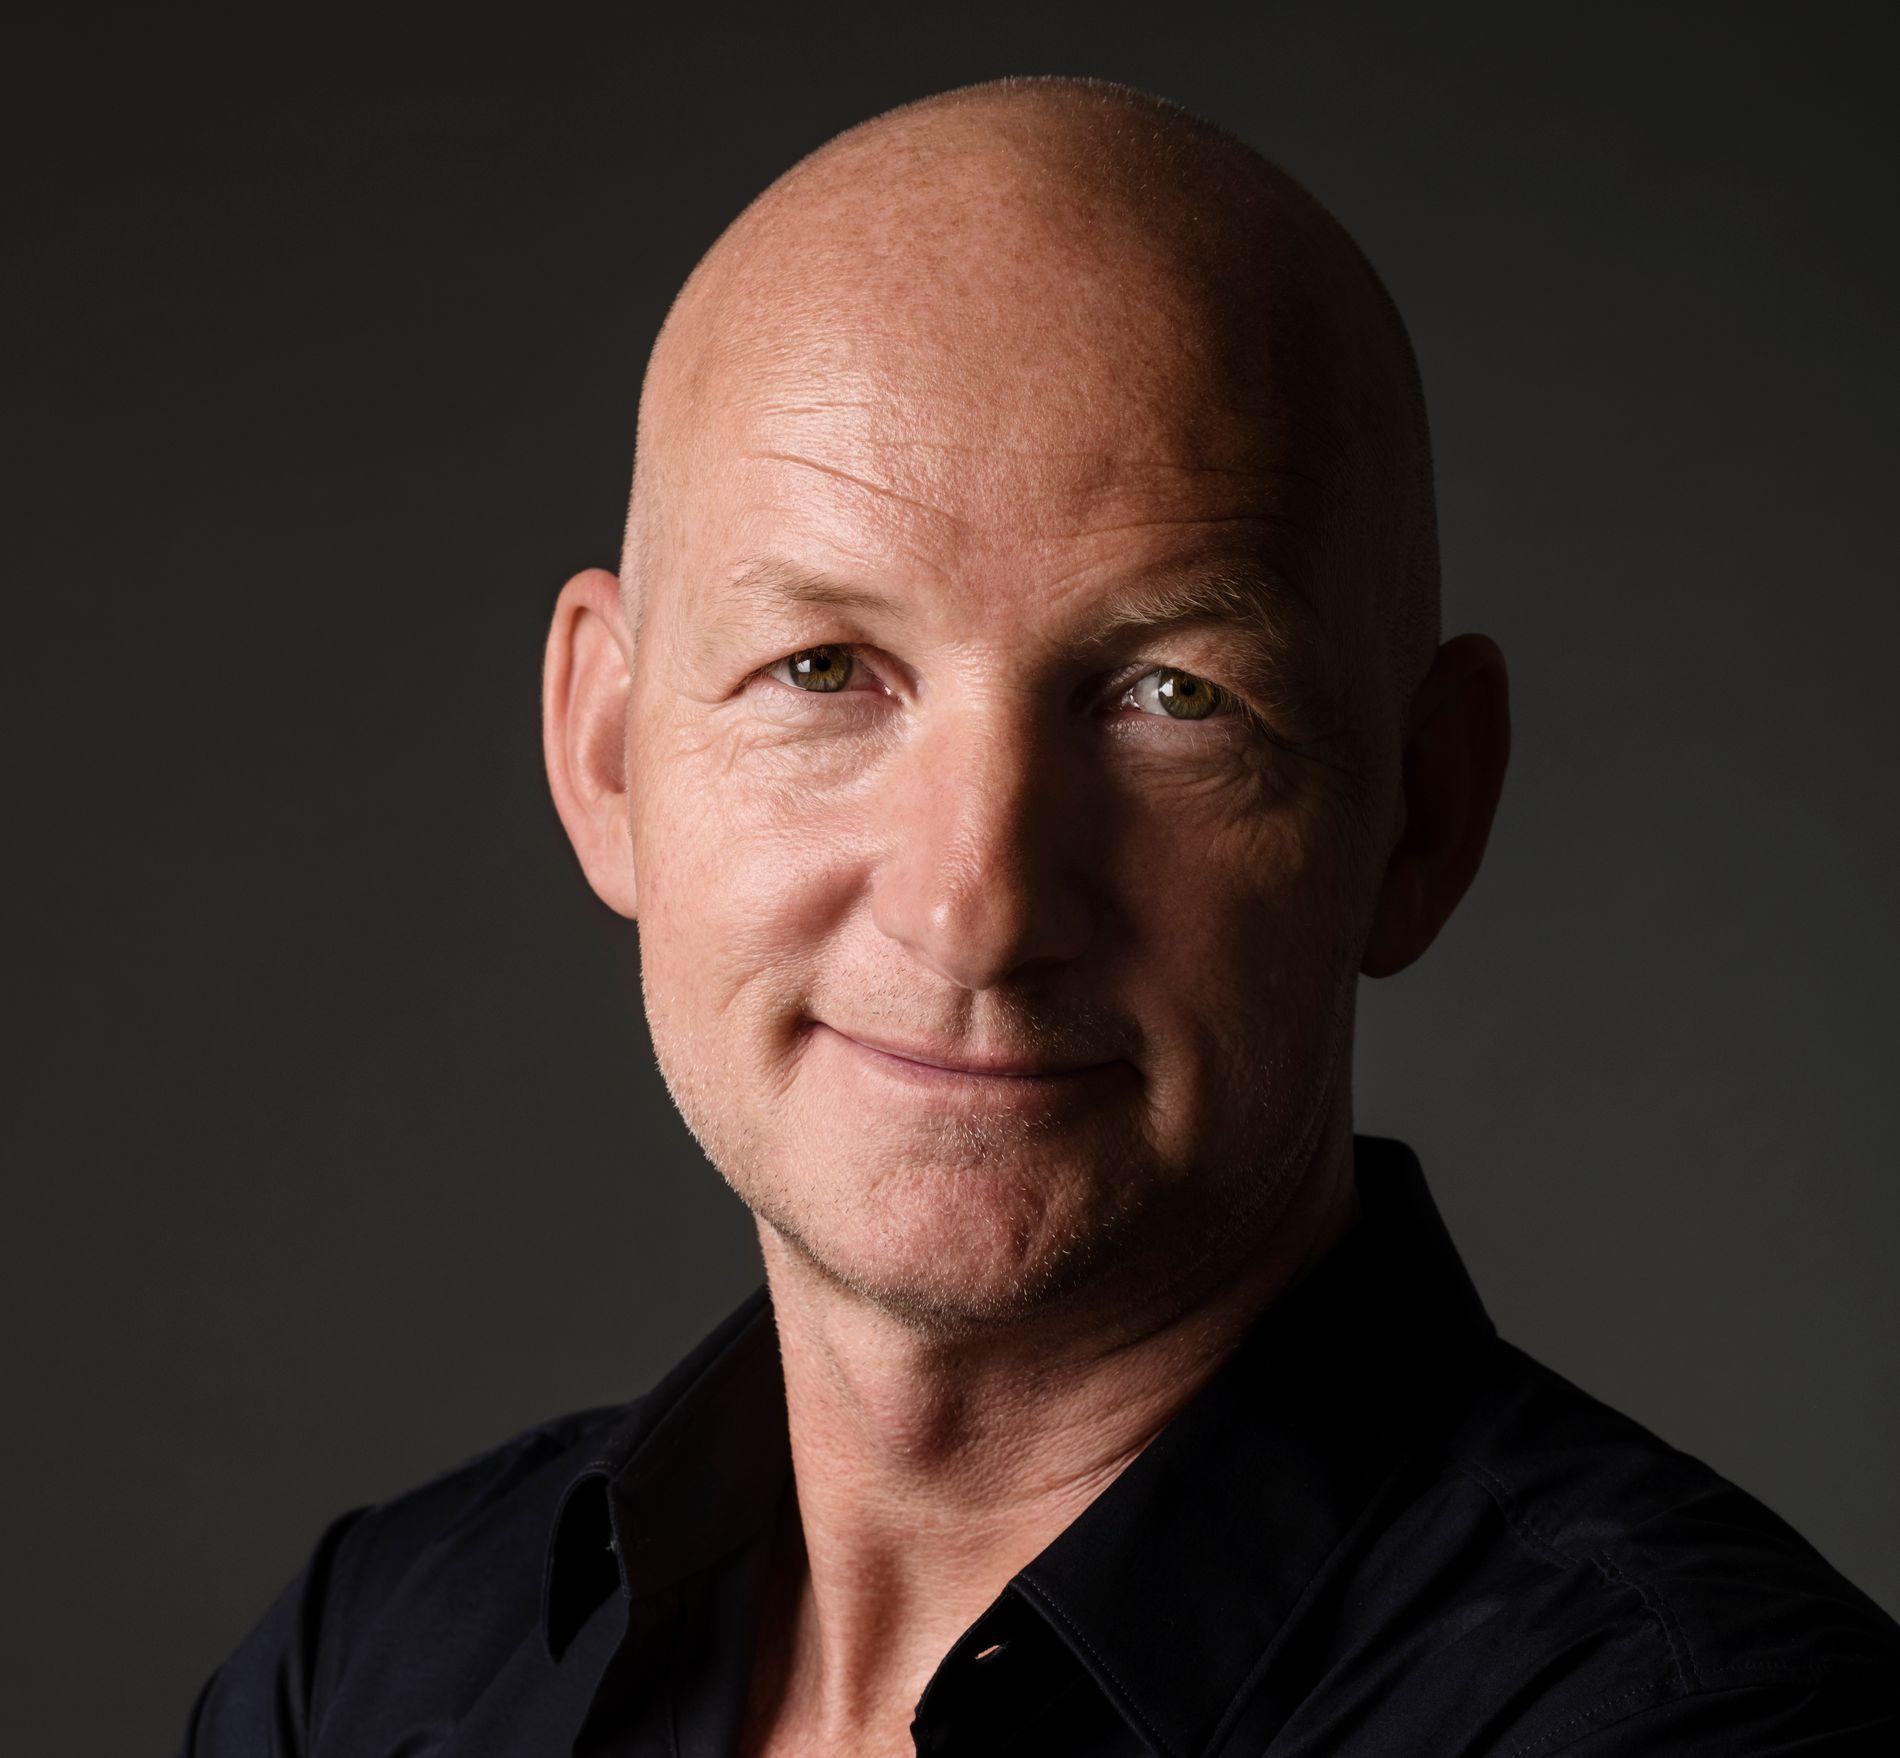 FØRSTE KRIMBOK: Mannen bak TV-serien «Forbrytelsen», Søren Sveistrup, er ute med sin første krimroman.